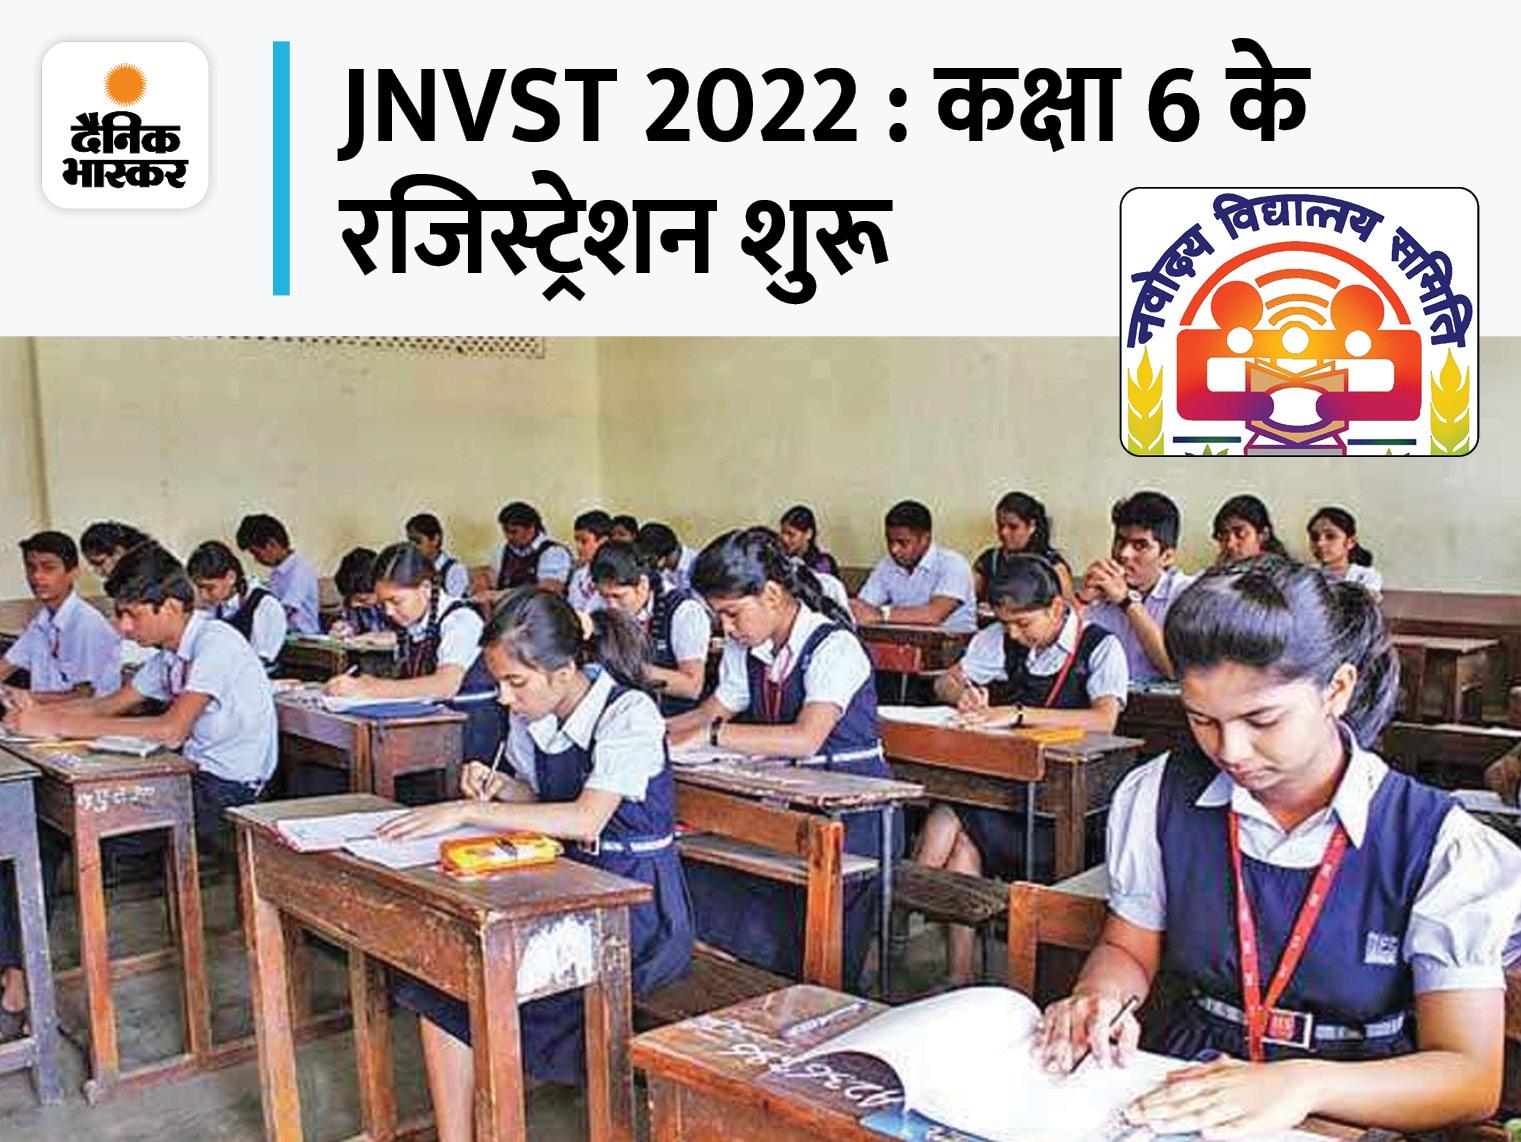 नवोदय विद्यालय कक्षा 6 के रजिस्ट्रेशन शुरू, ऑनलाइन आवेदन करने के लिए इन 5 स्टेप्स को करें फॉलो|करिअर,Career - Dainik Bhaskar